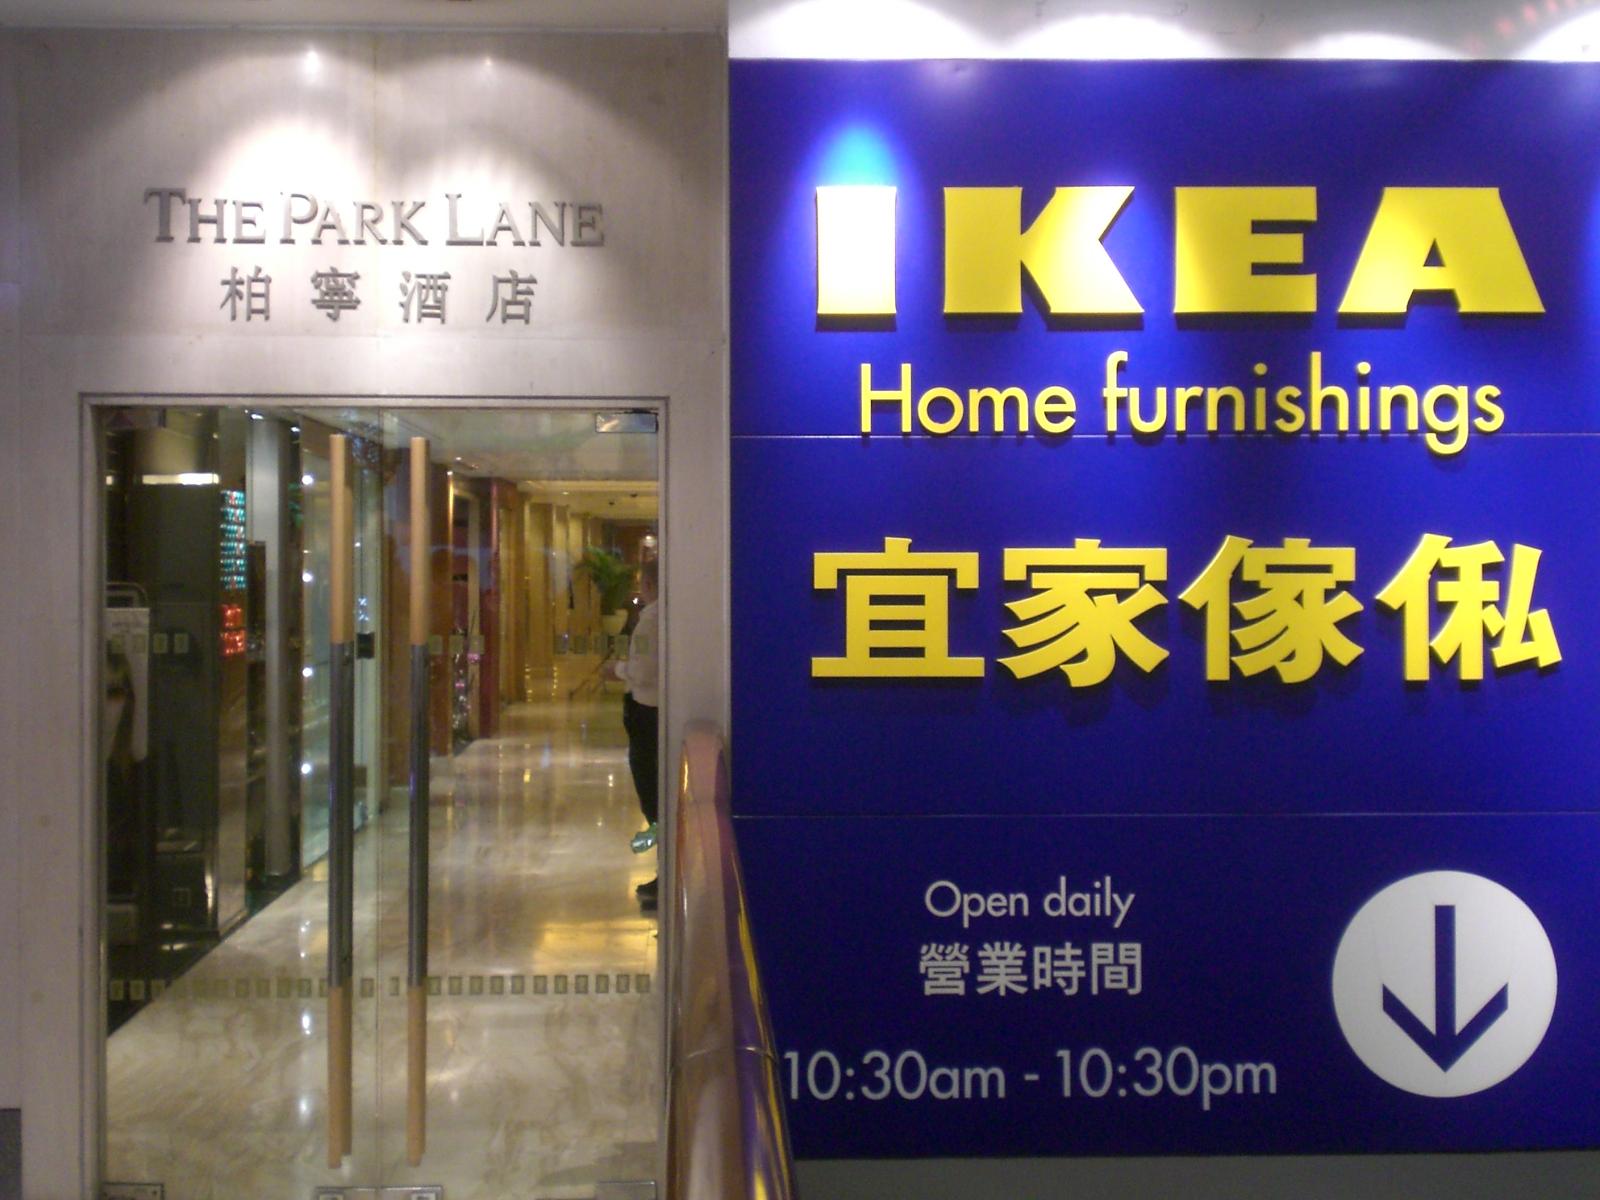 File Hk Cwb The Park Lane Hong Kong Hotel N Ikea Home Furnishings Basement Jpg Wikimedia Commons